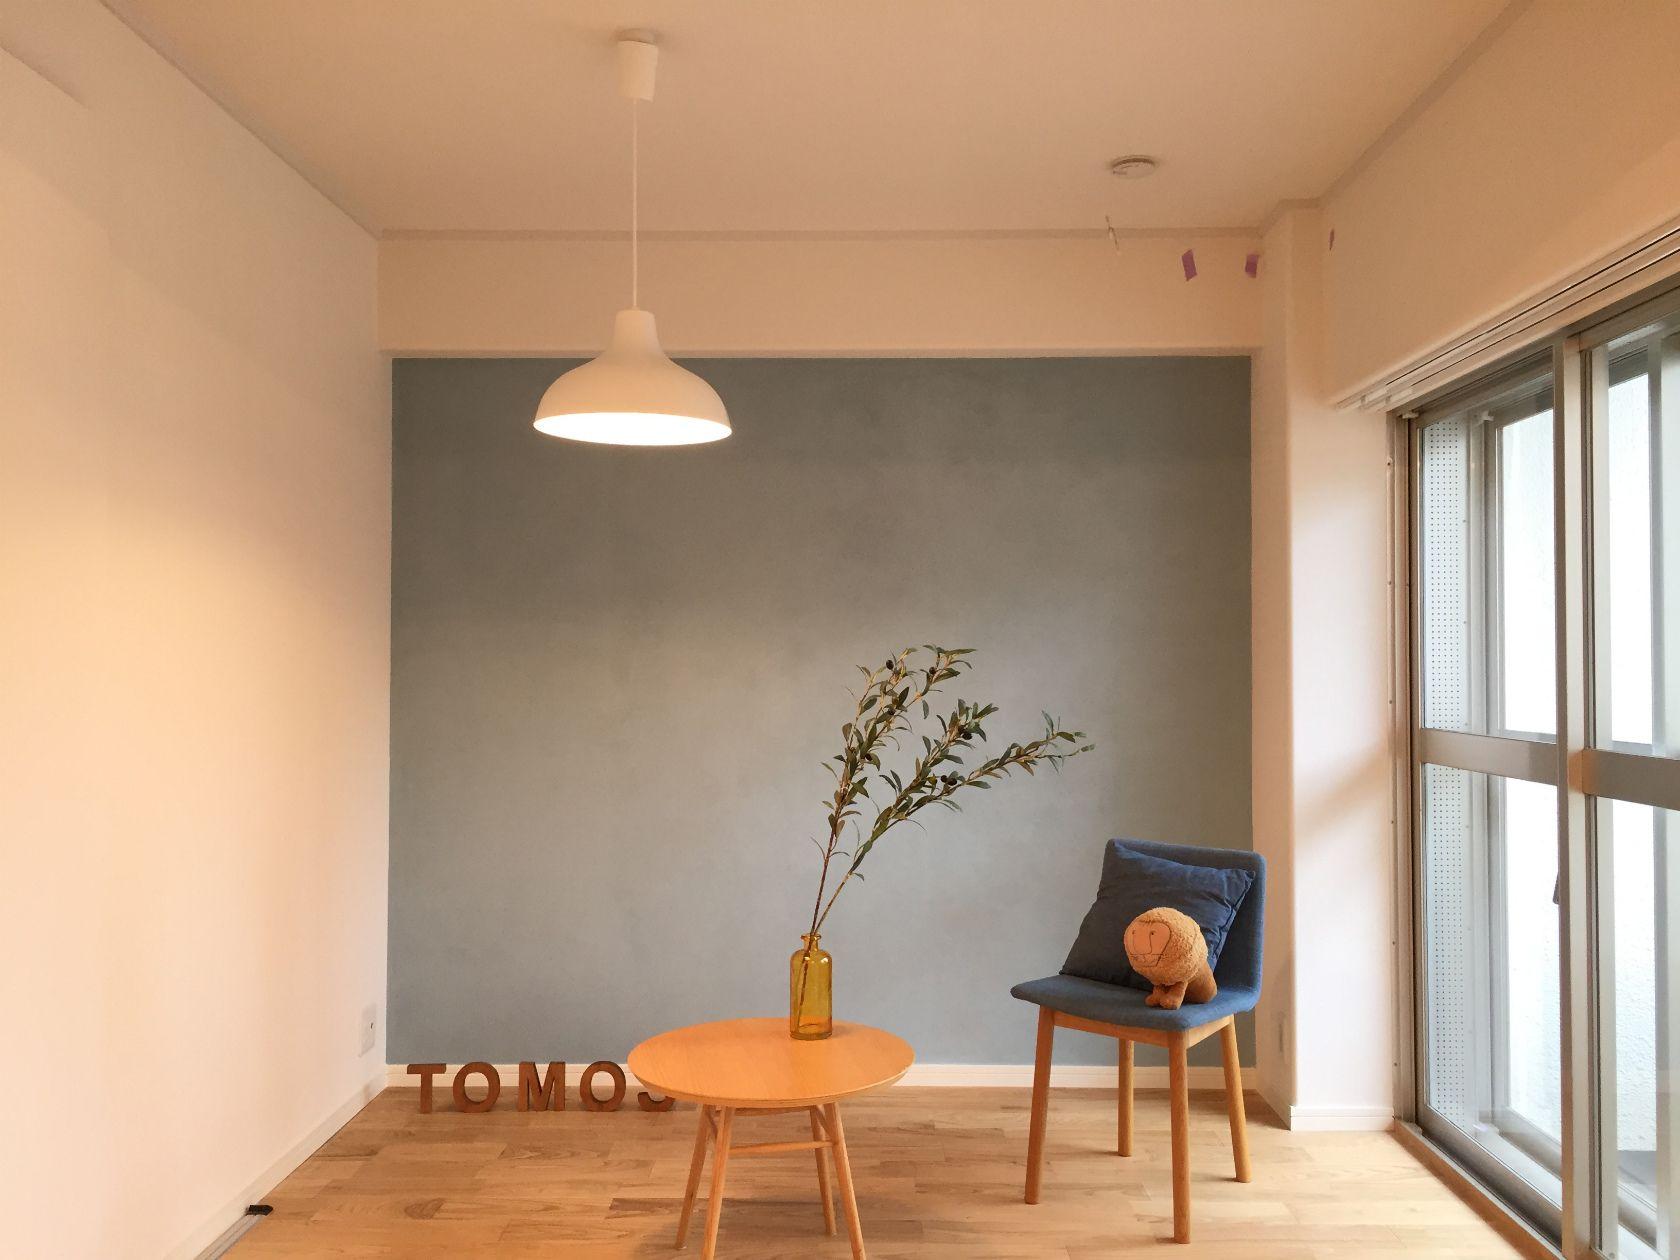 賃貸でも壁の塗装ってできるの?→やってみました―賃貸DIY部 #01   goodroom journal